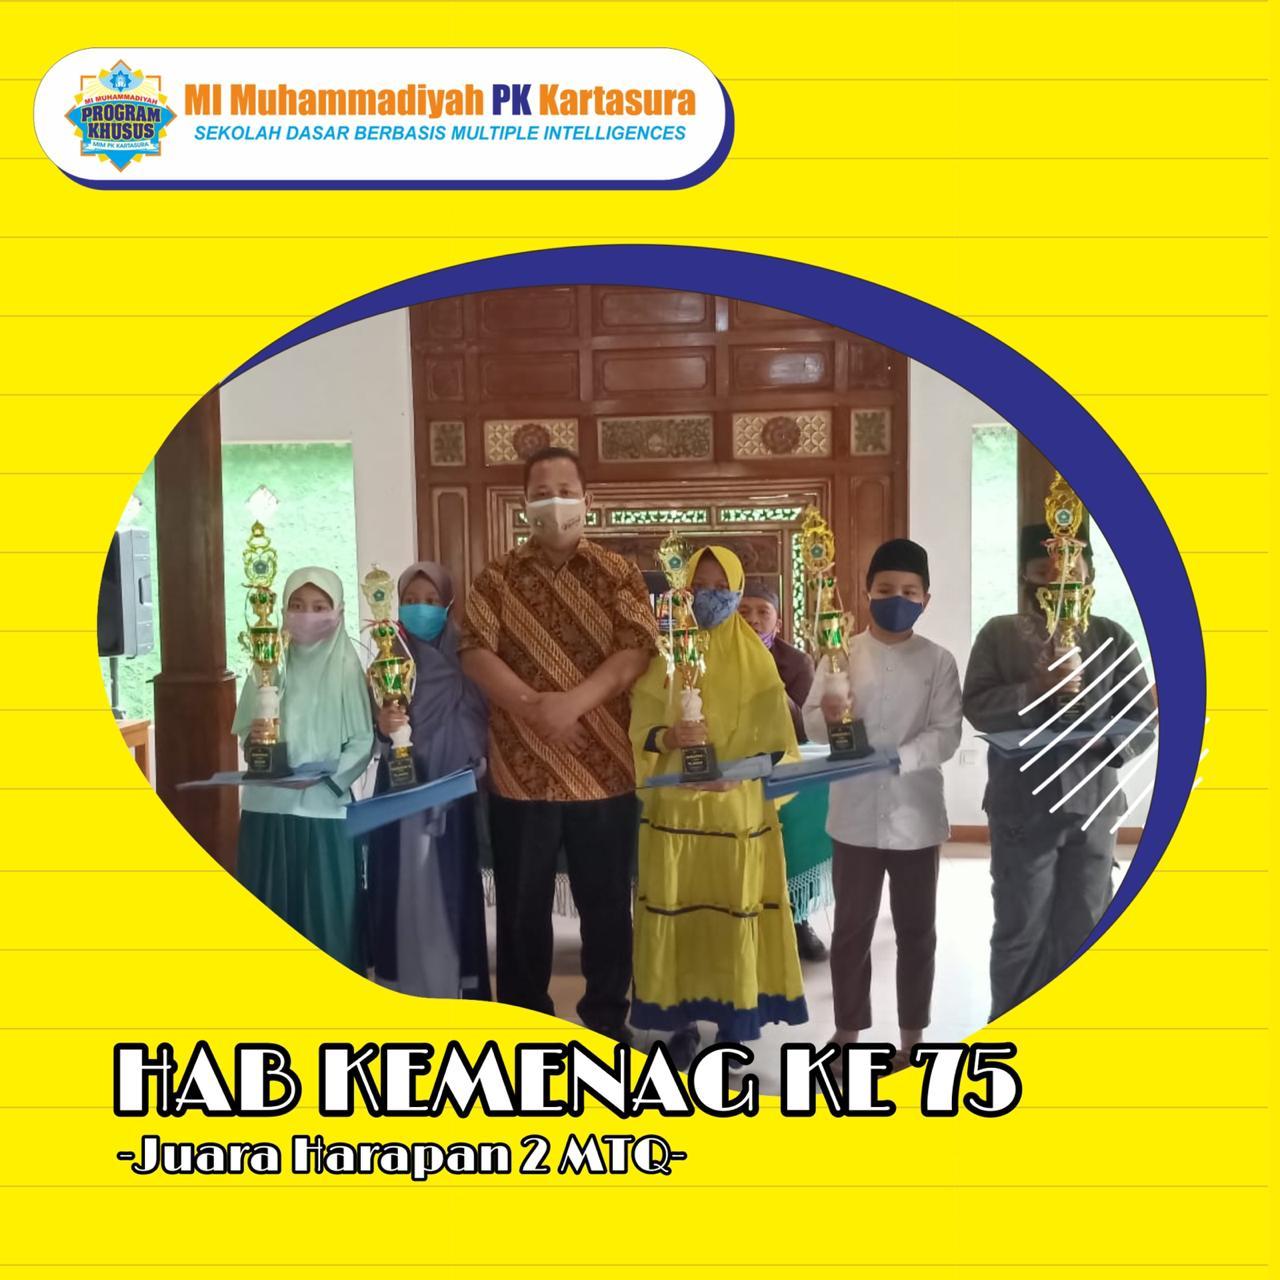 Juara Harapan 2 Lomba HAB kemenag ke - 75 Tingkat Kabupaten Sukoharjo 2021